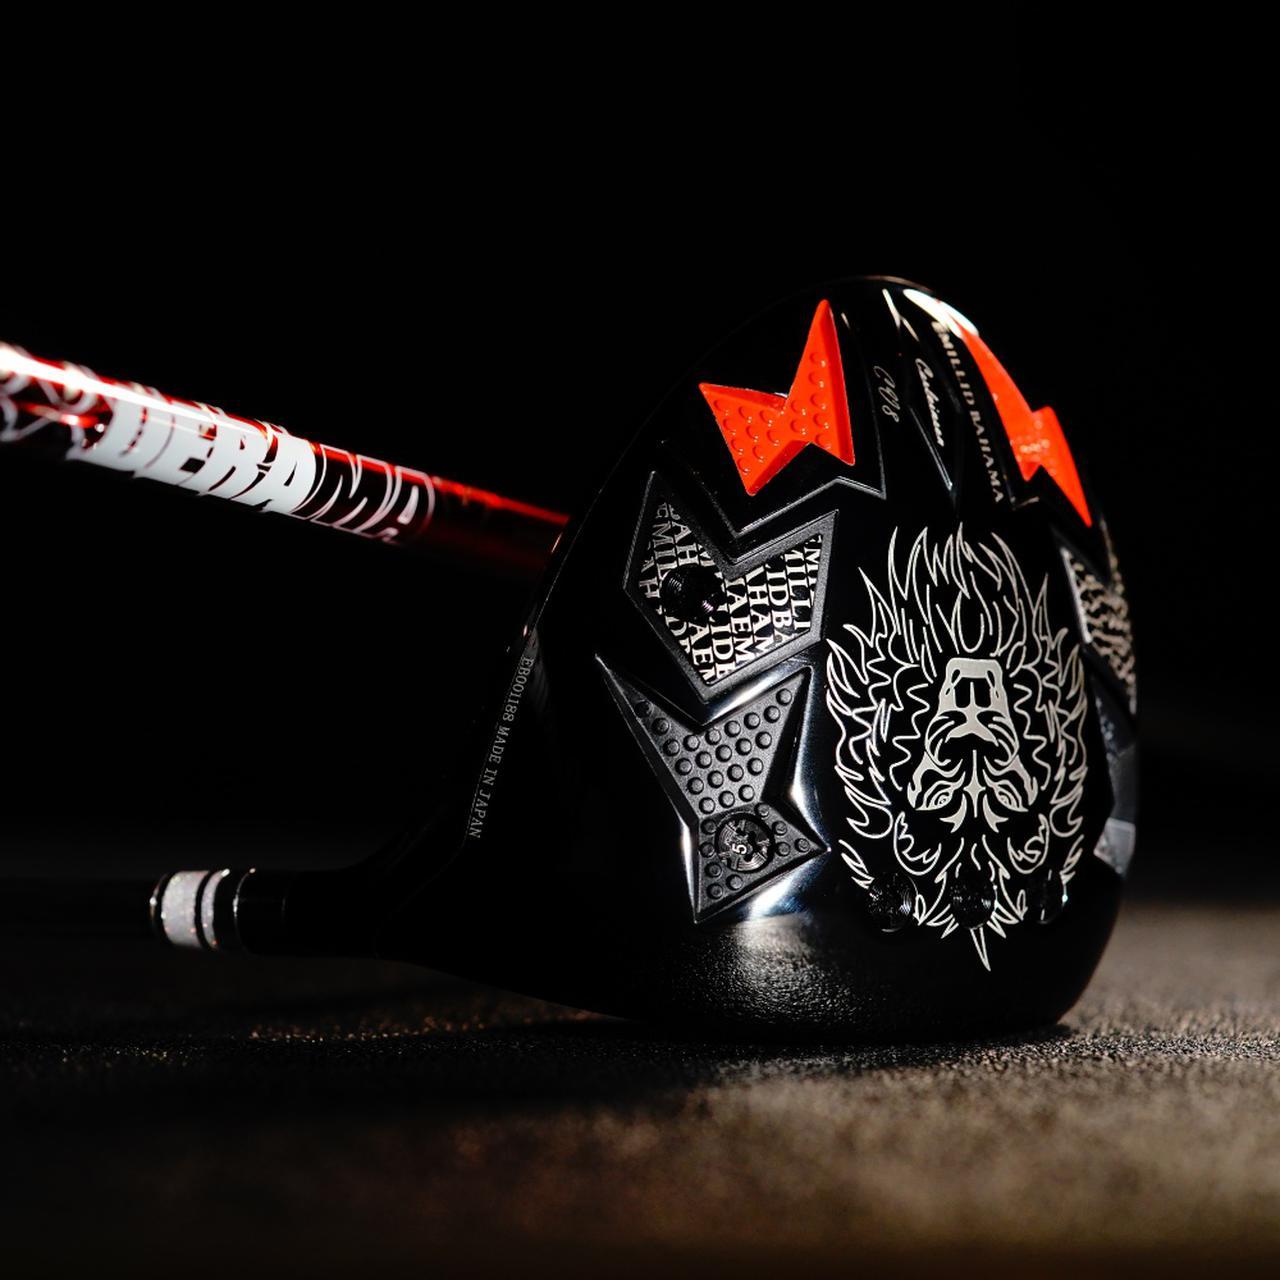 画像: 【楽天市場】【ぶっ飛びドライバー】カールヴィンソン赤デラカスタム:ゴルフポケット楽天市場店